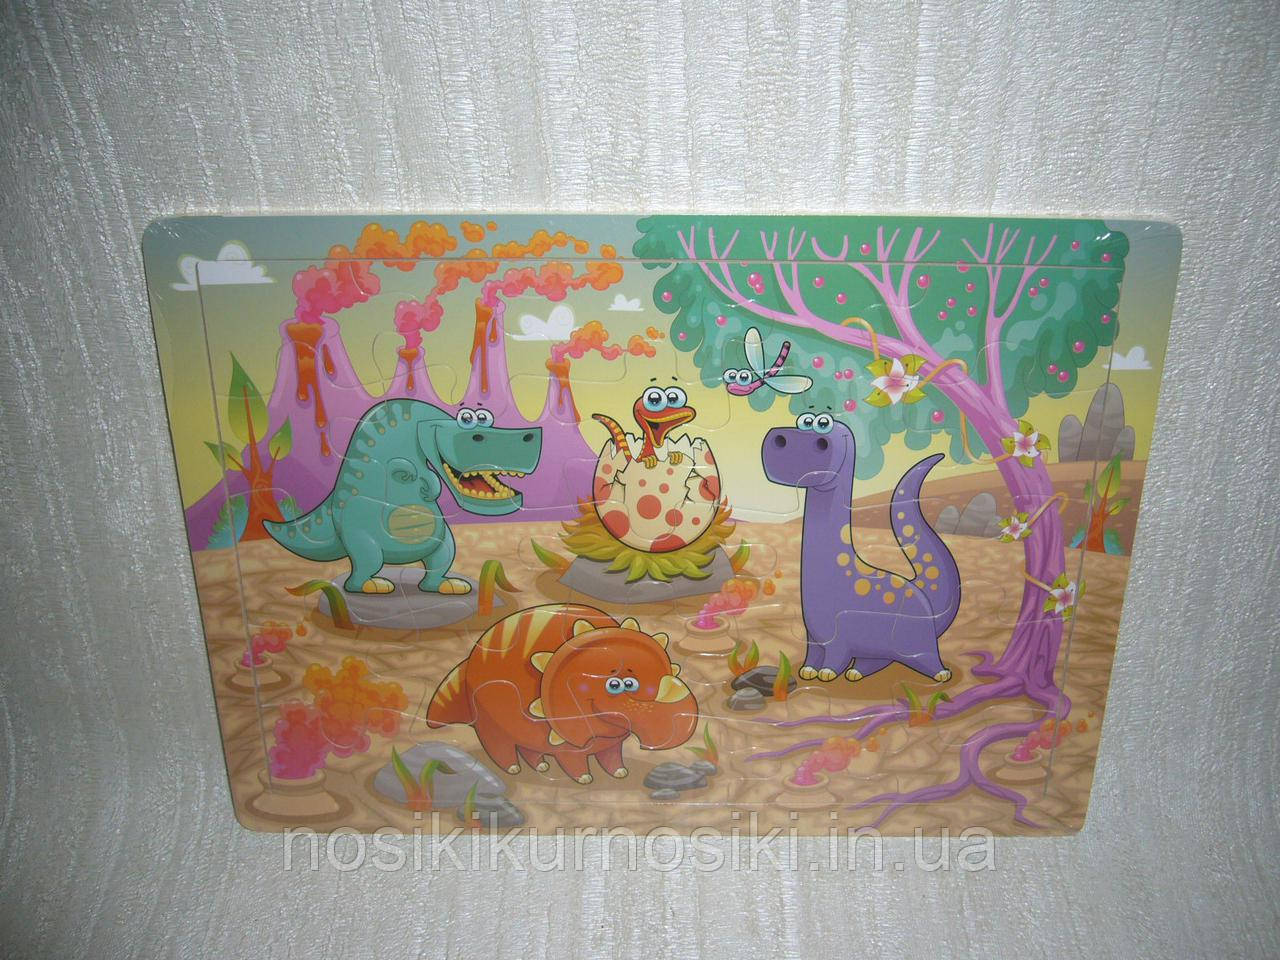 Деревянные игрушки пазлы вкладыши без повтора картинки Динозавры